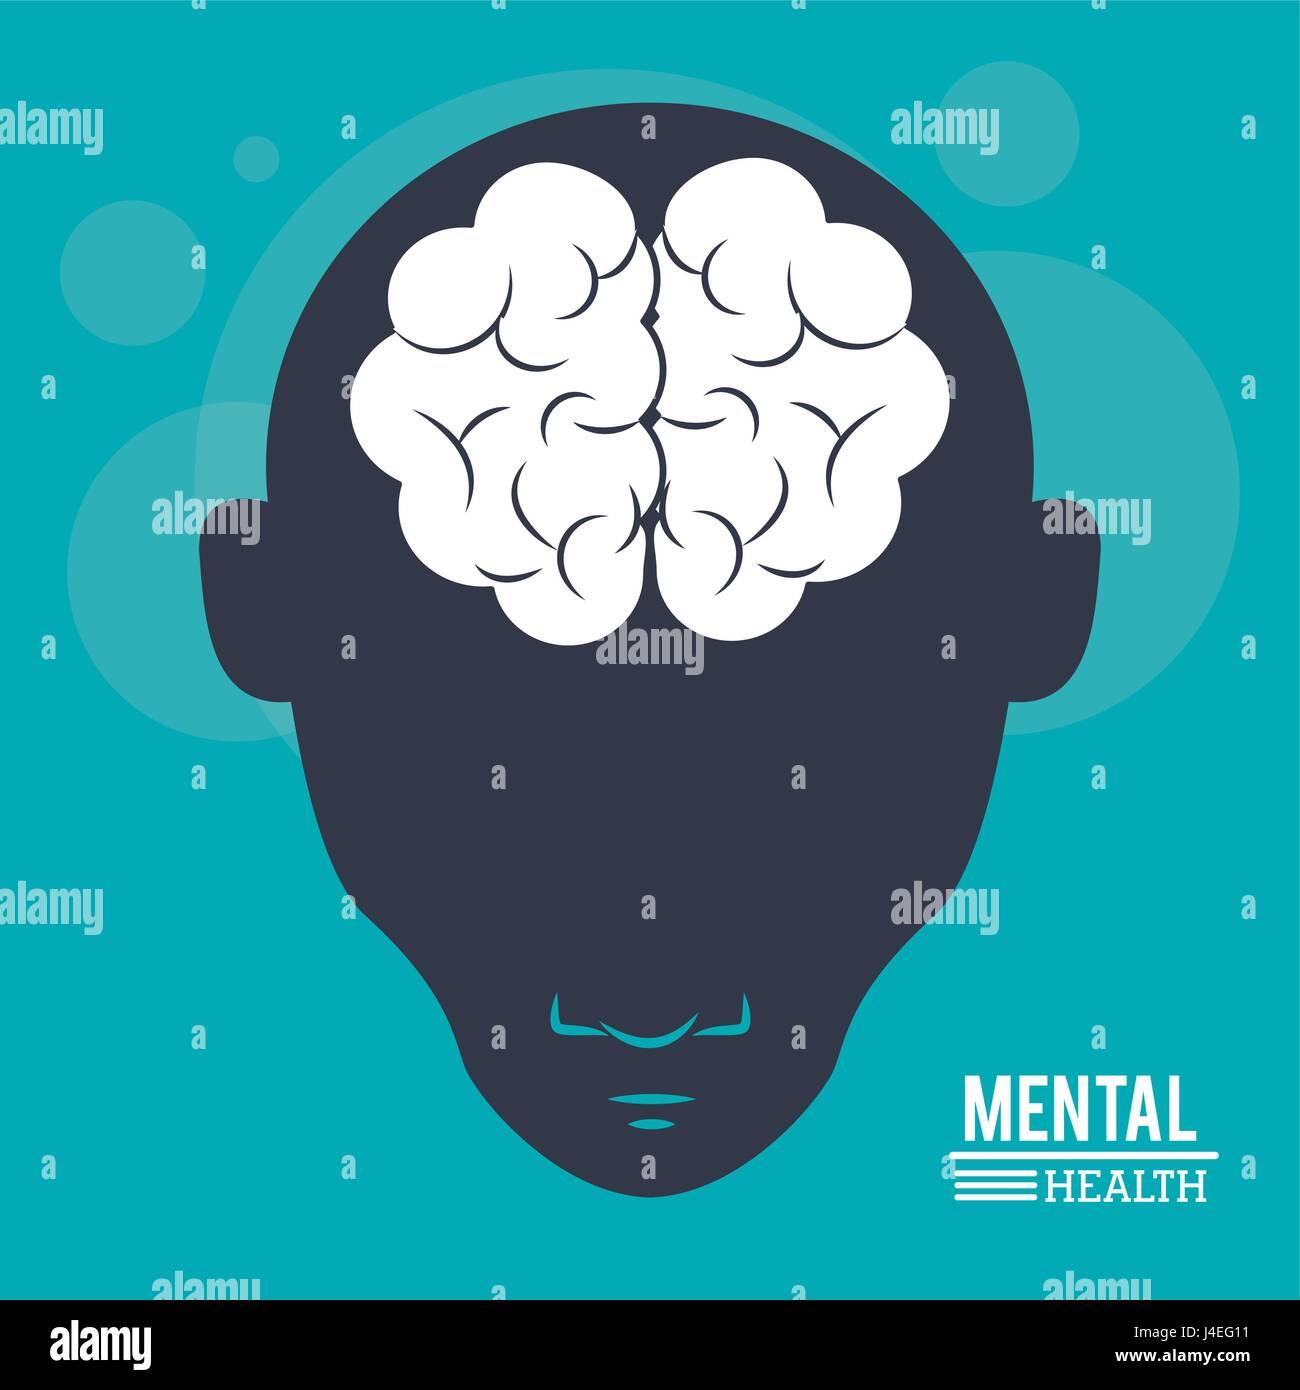 La salud mental, la cabeza humana, silueta cara y cerebro en estilo plano Imagen De Stock